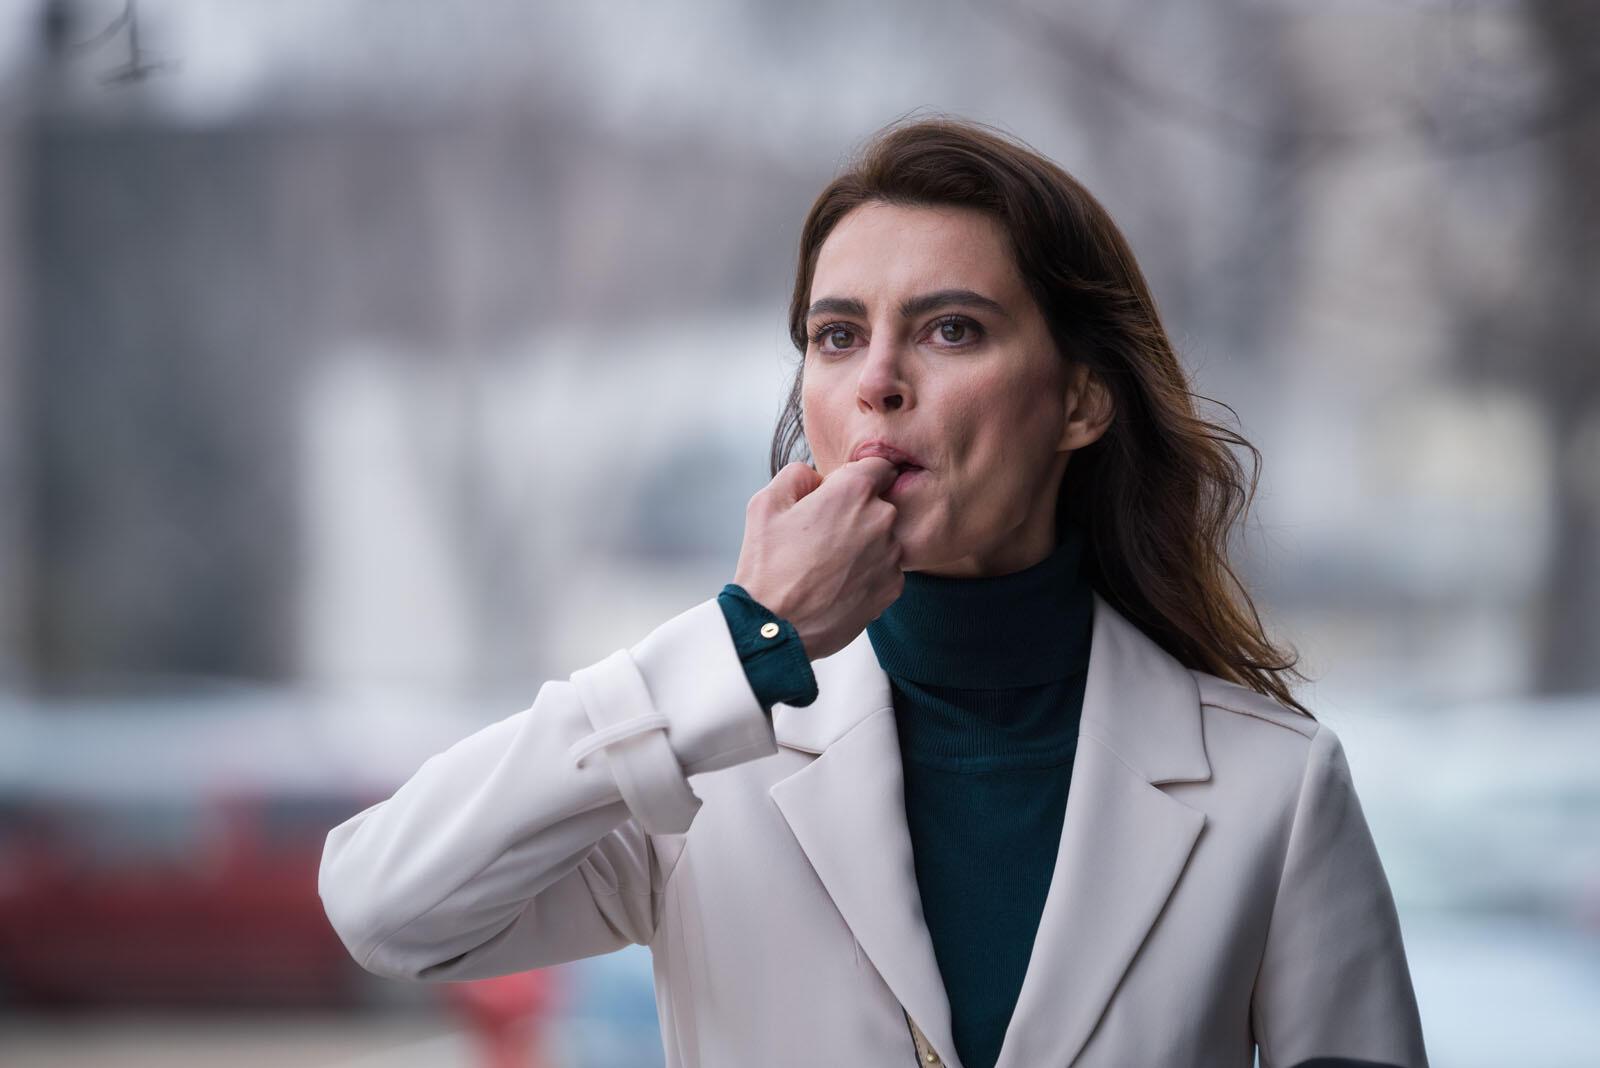 Catrinel Marlon (Gilda) dans « Les siffleurs » de Corneliu Porumboiu.